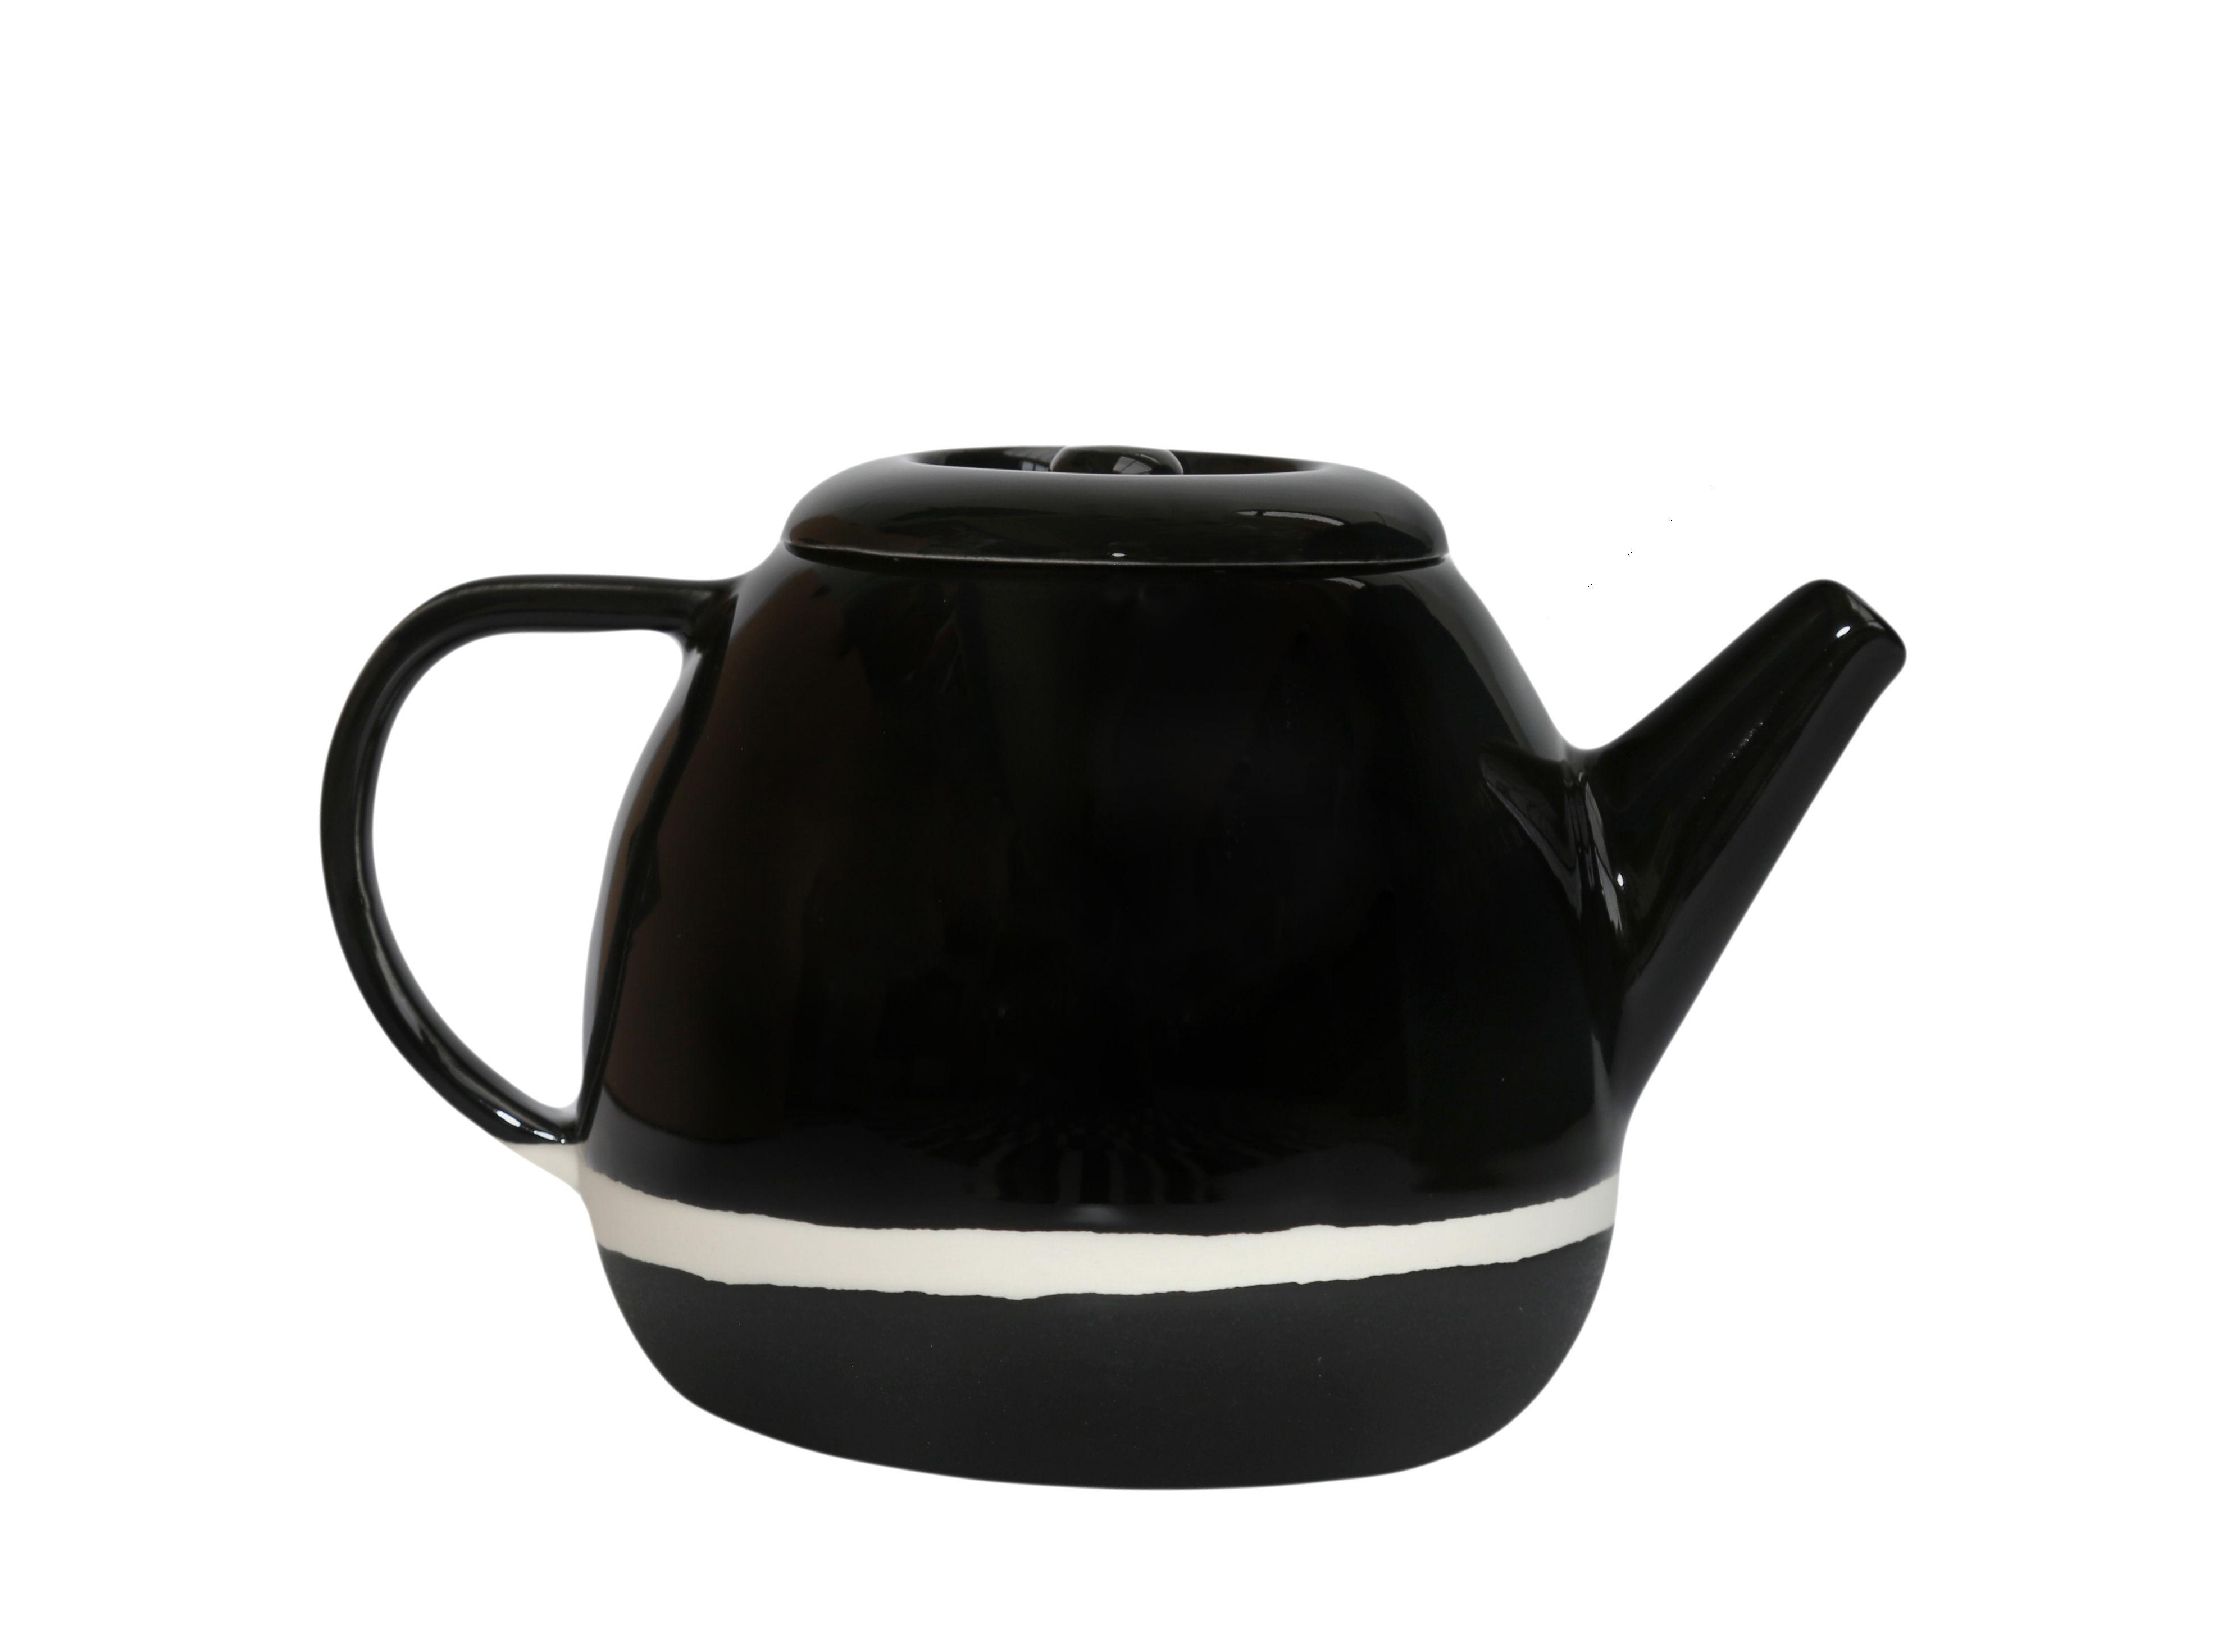 Kitchenware - Kettles & Teapots - Sicilia Teapot - / Ø 15 x H 14 cm by Maison Sarah Lavoine - Black radish - Painted, enamelled sandstone